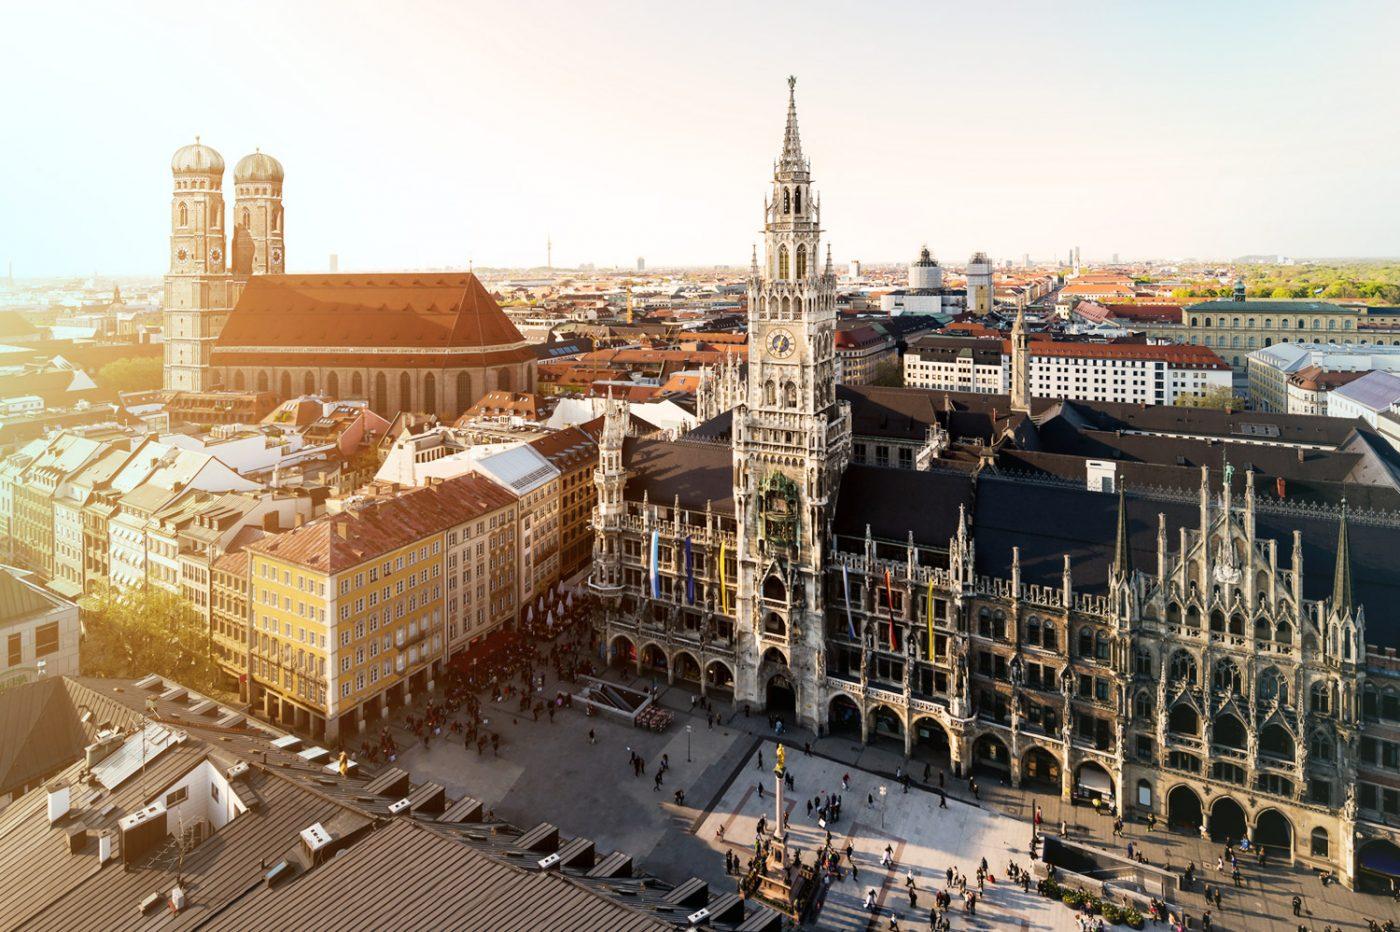 Blick auf die Frauenkirche und das Neue Rathaus in München.